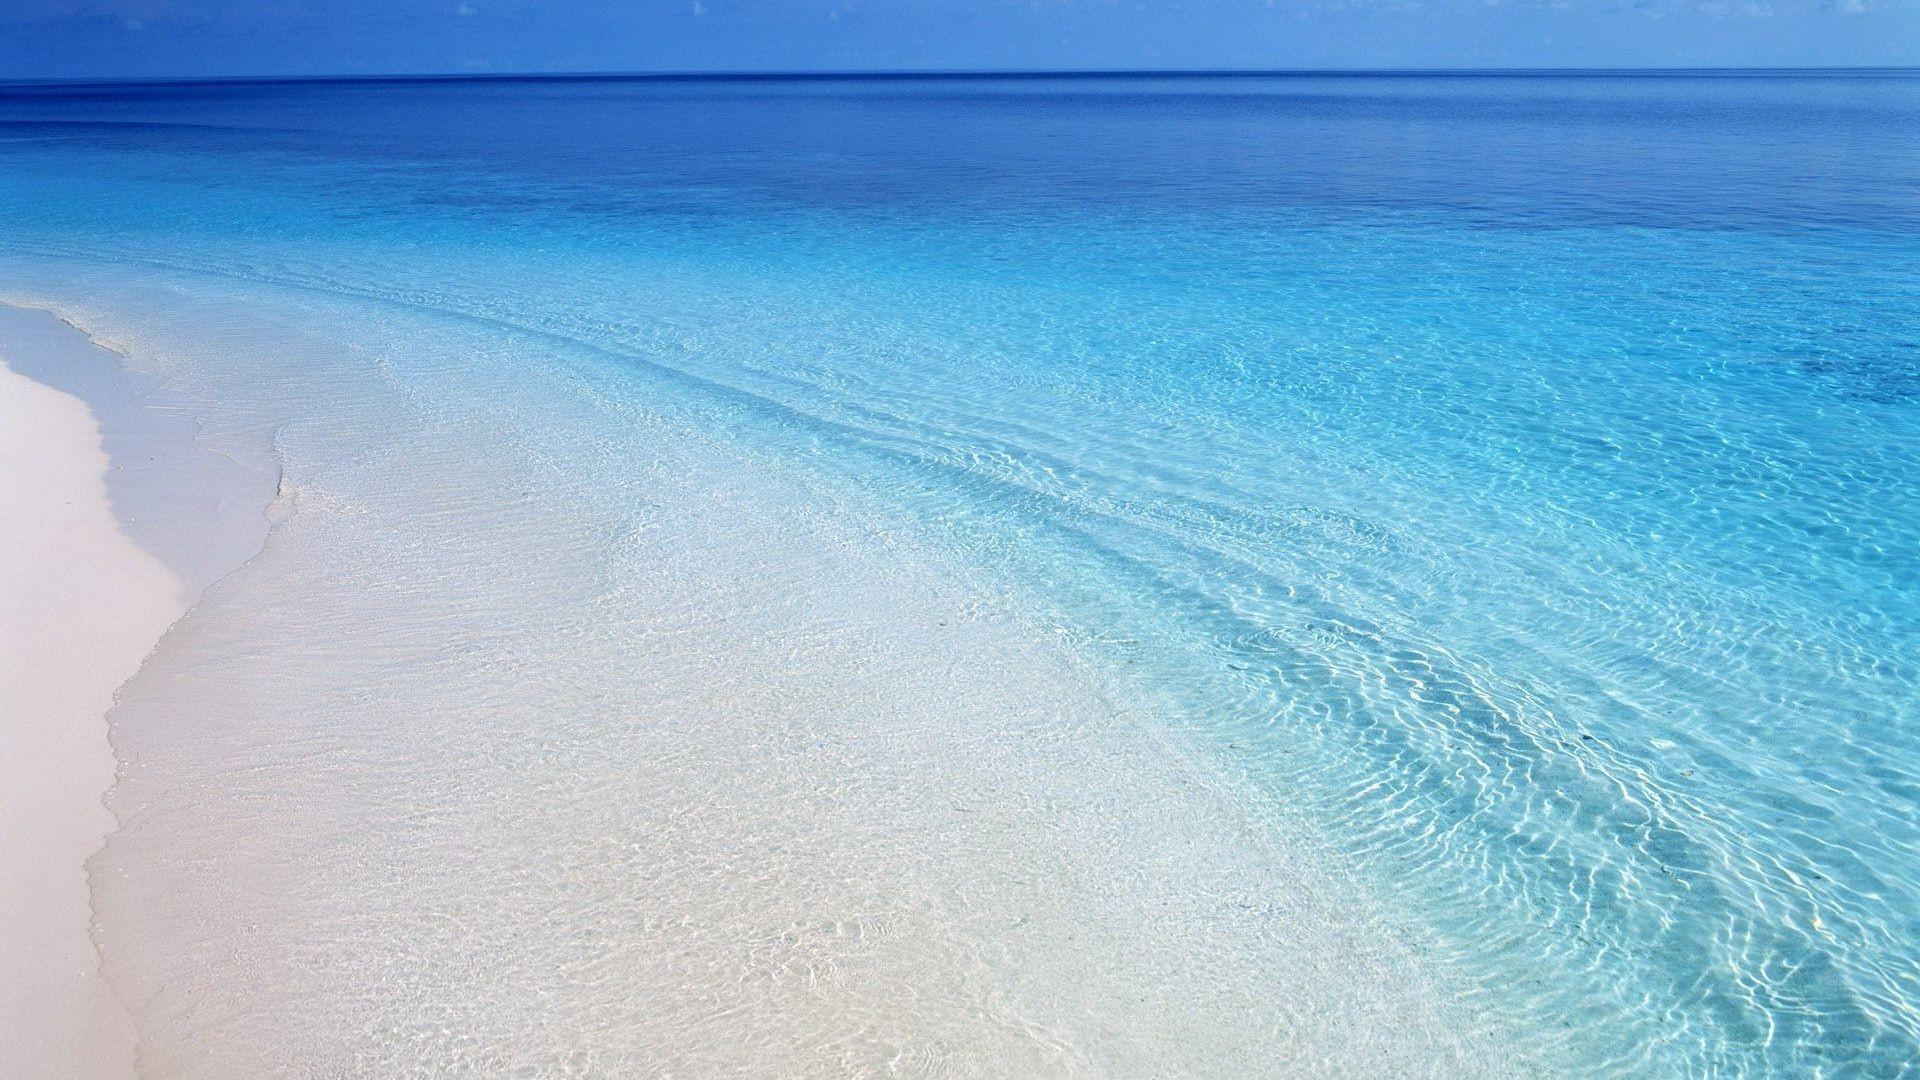 океан обои на телефон